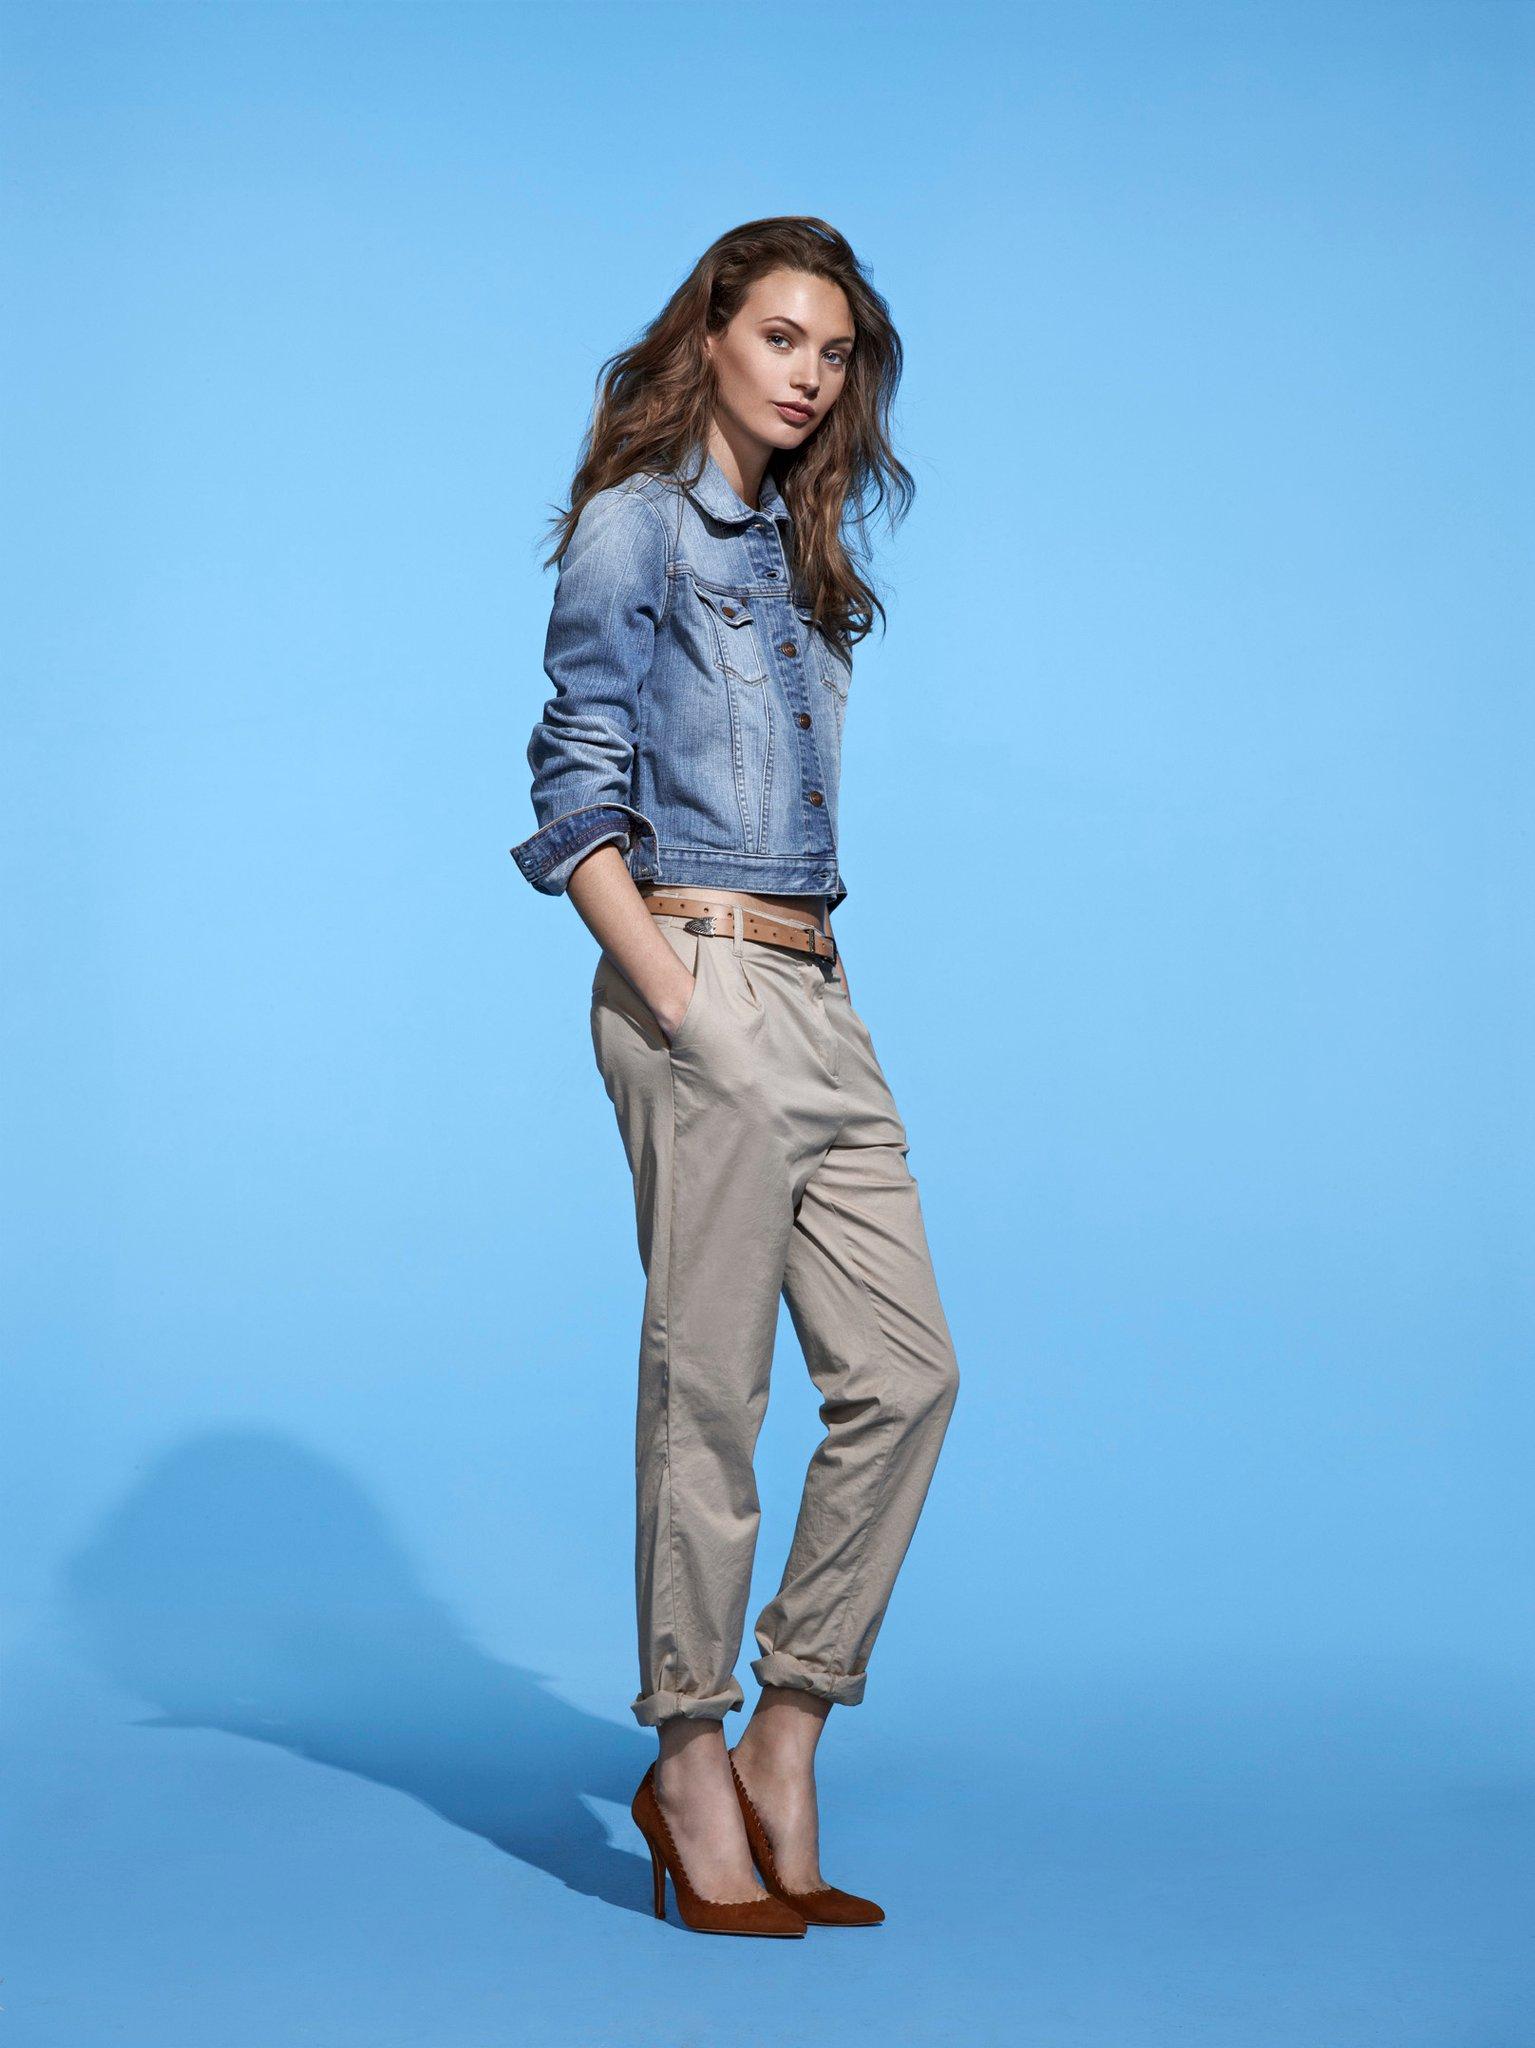 Смотреть онлайн жену в джинсах 11 фотография